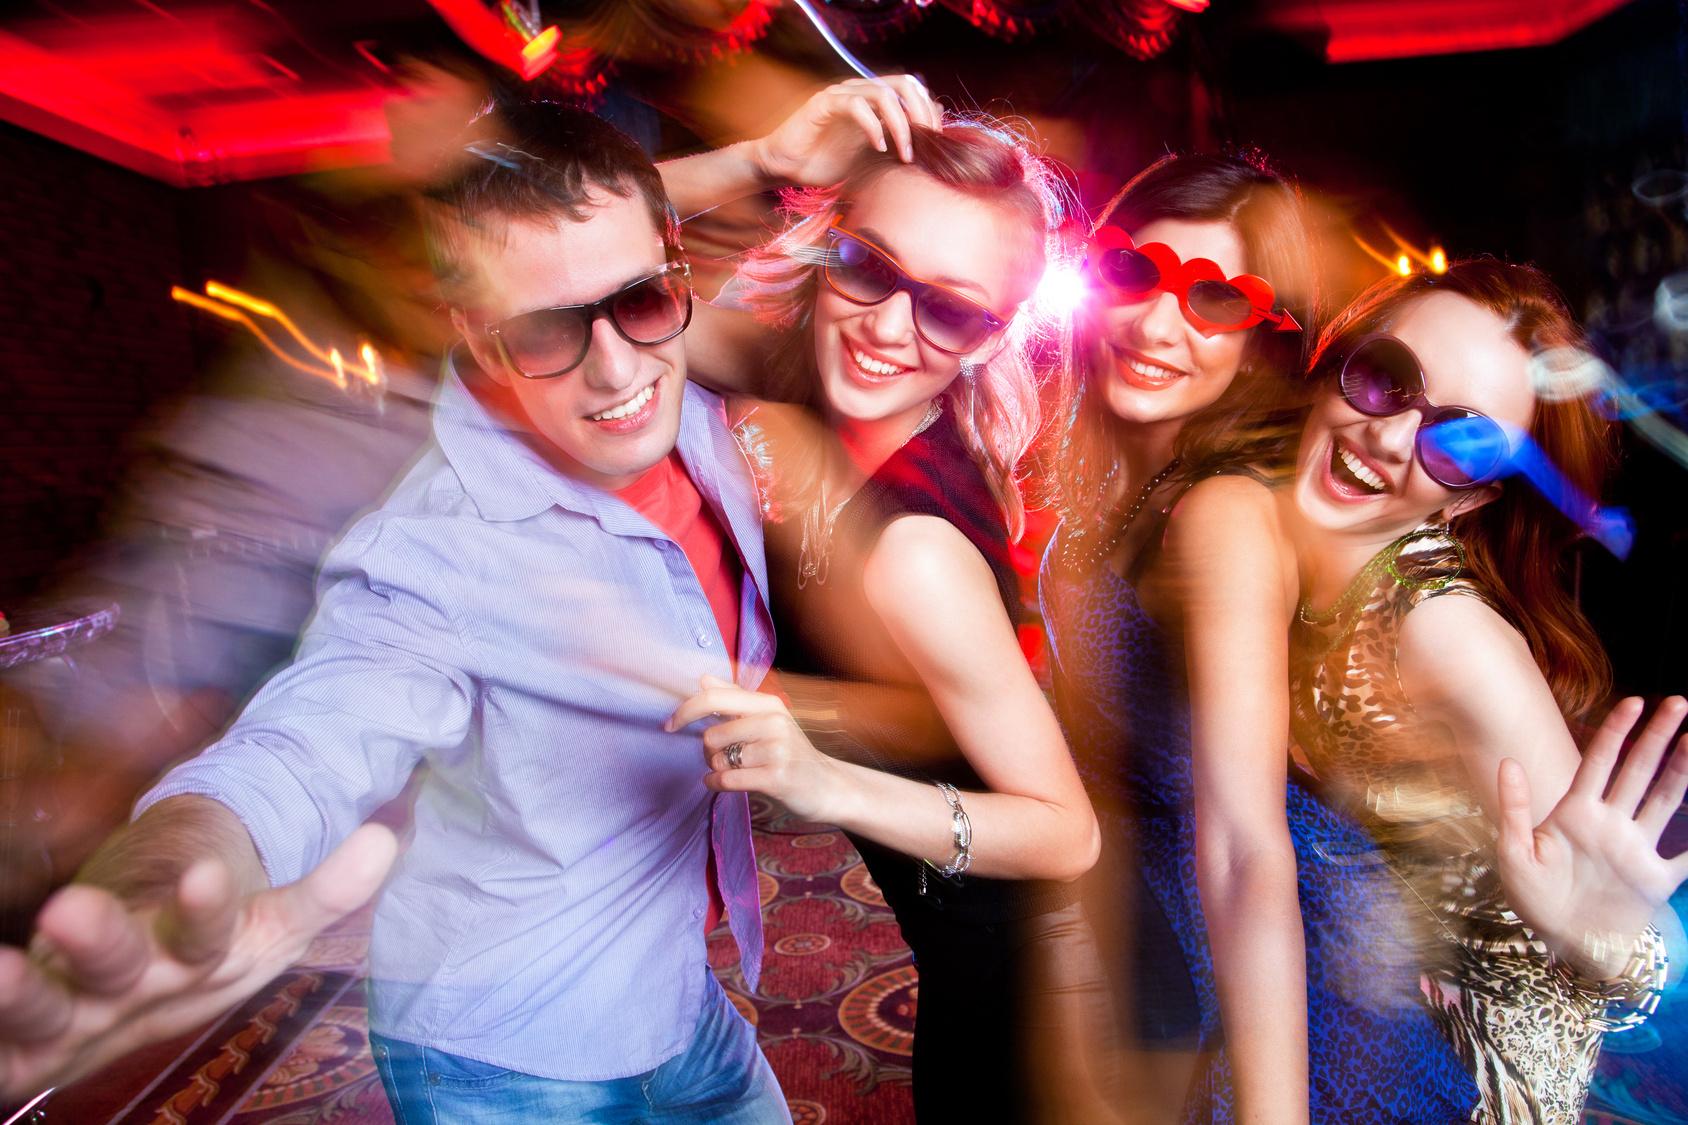 Молодежь оттягивается в ночном клубе — img 8